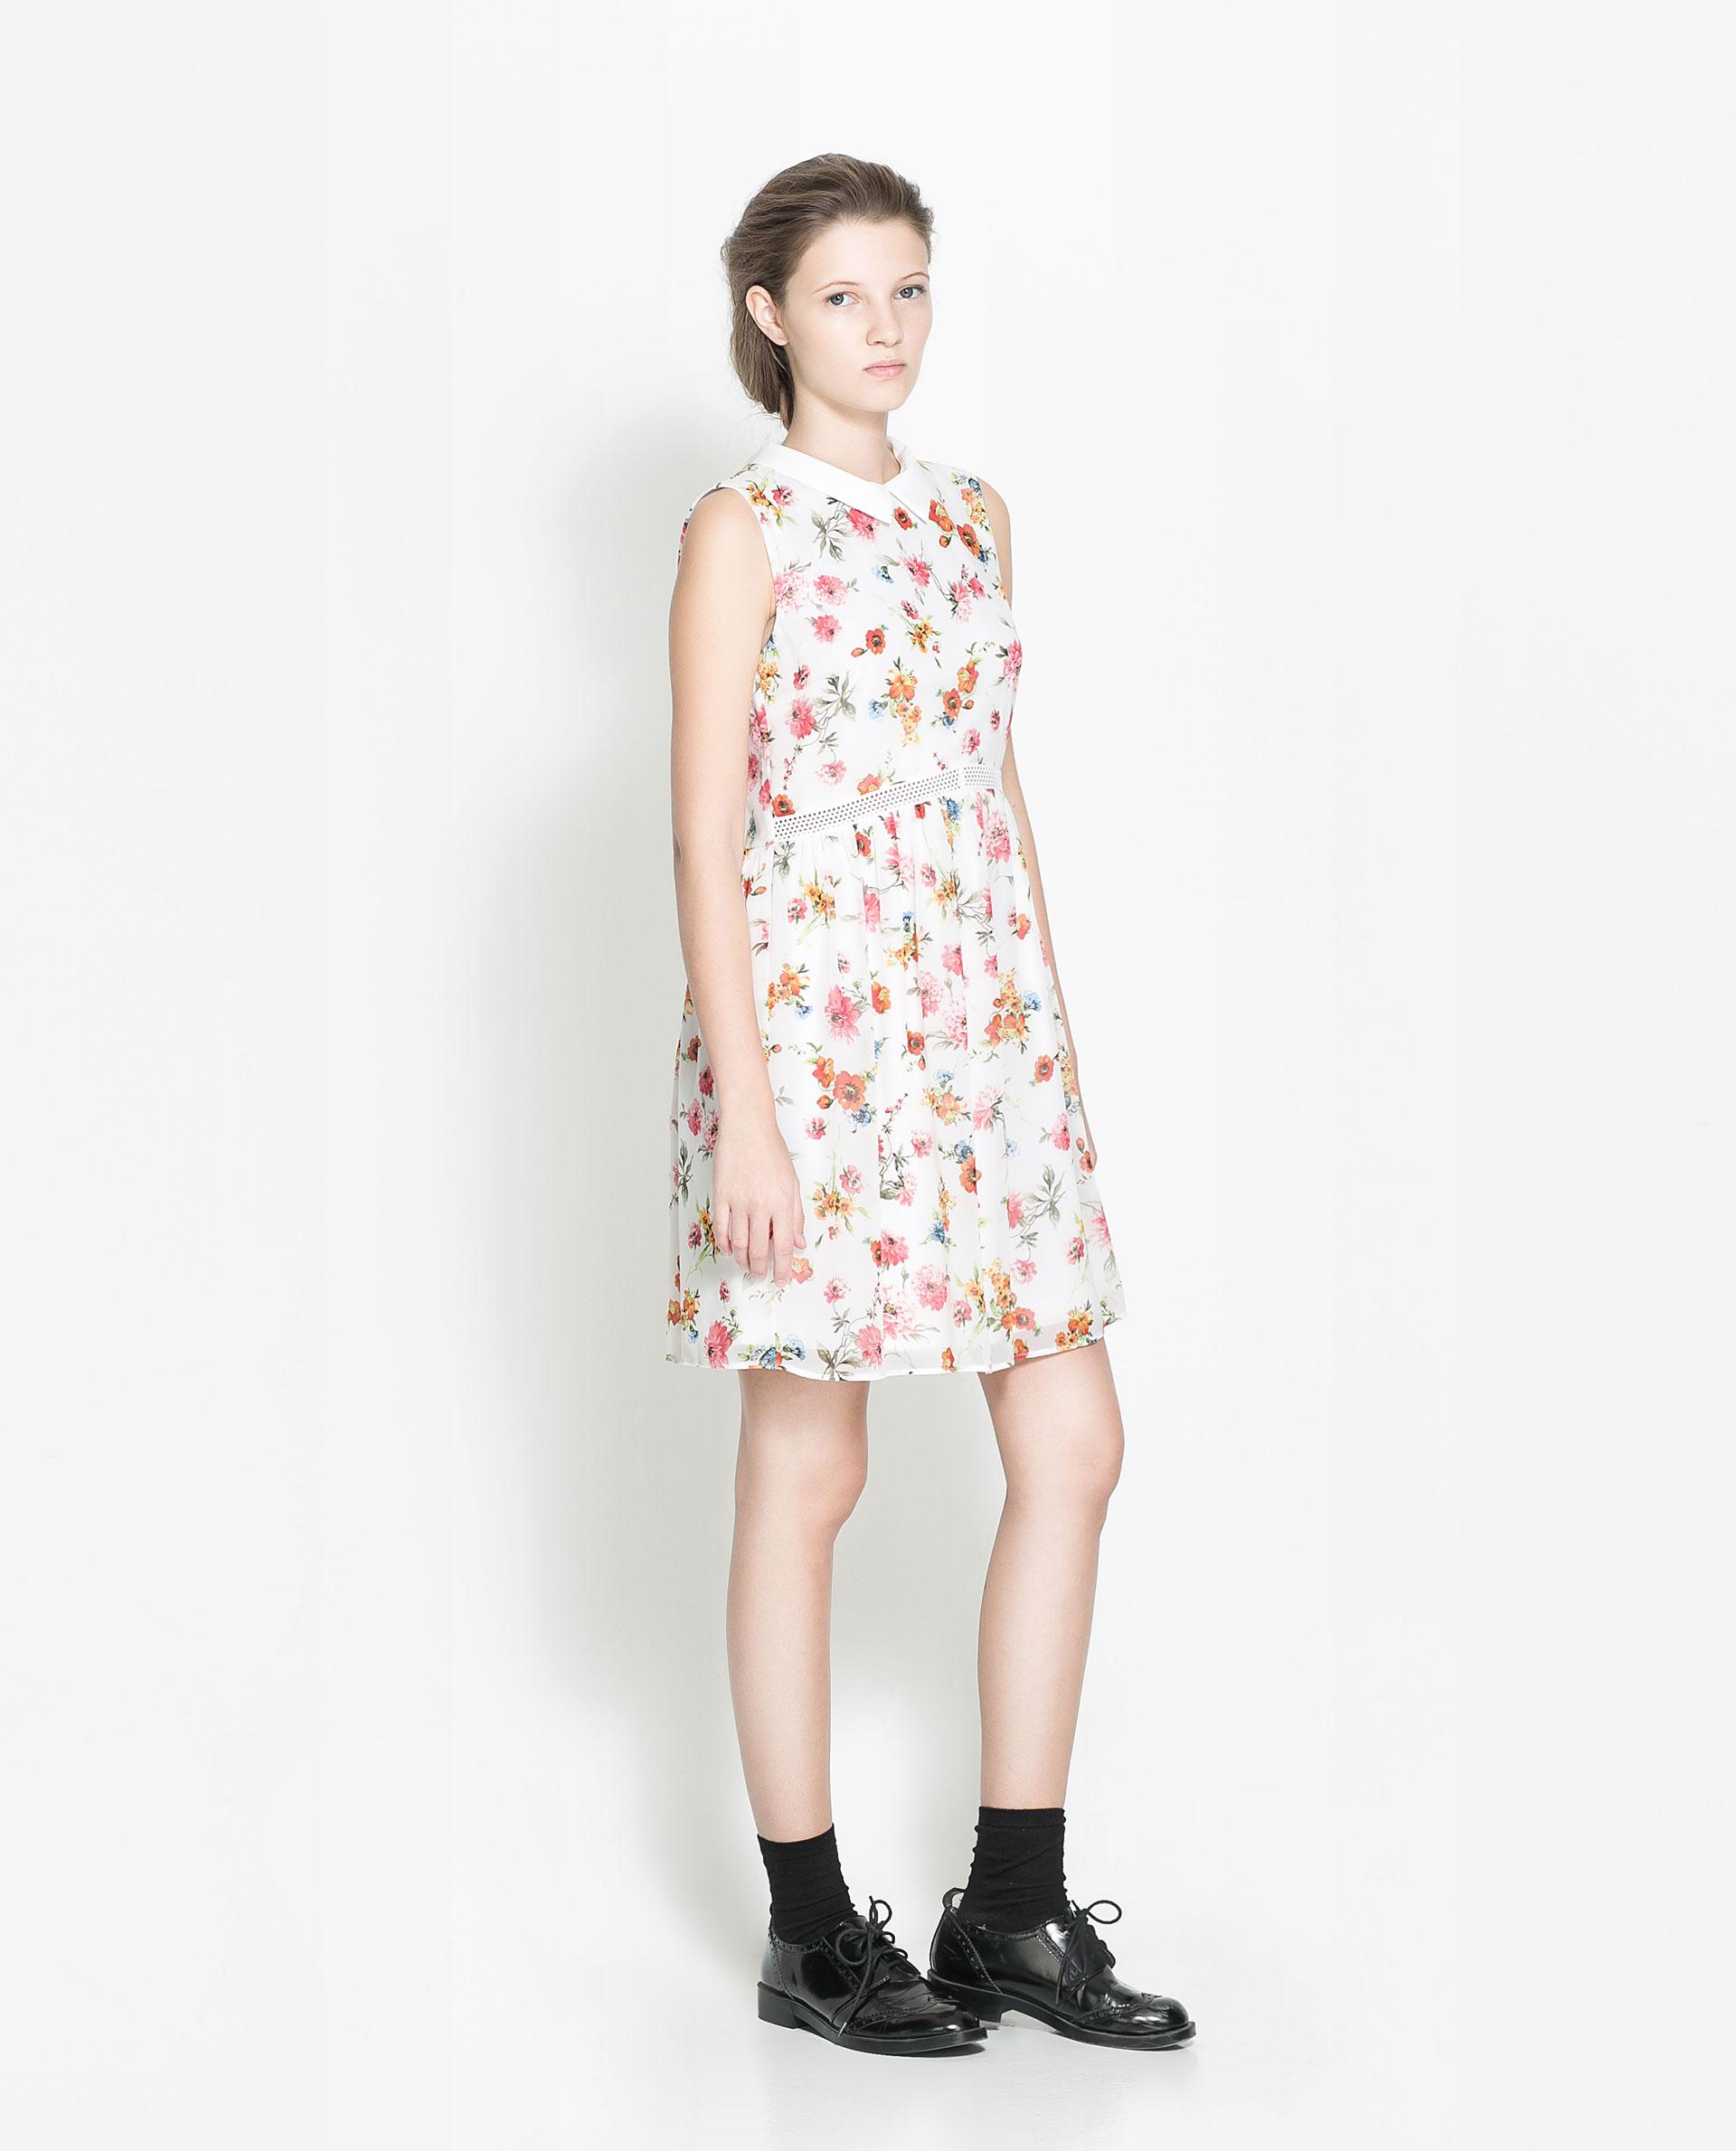 6c0eb3c3c6bb White Floral Print Dress Zara